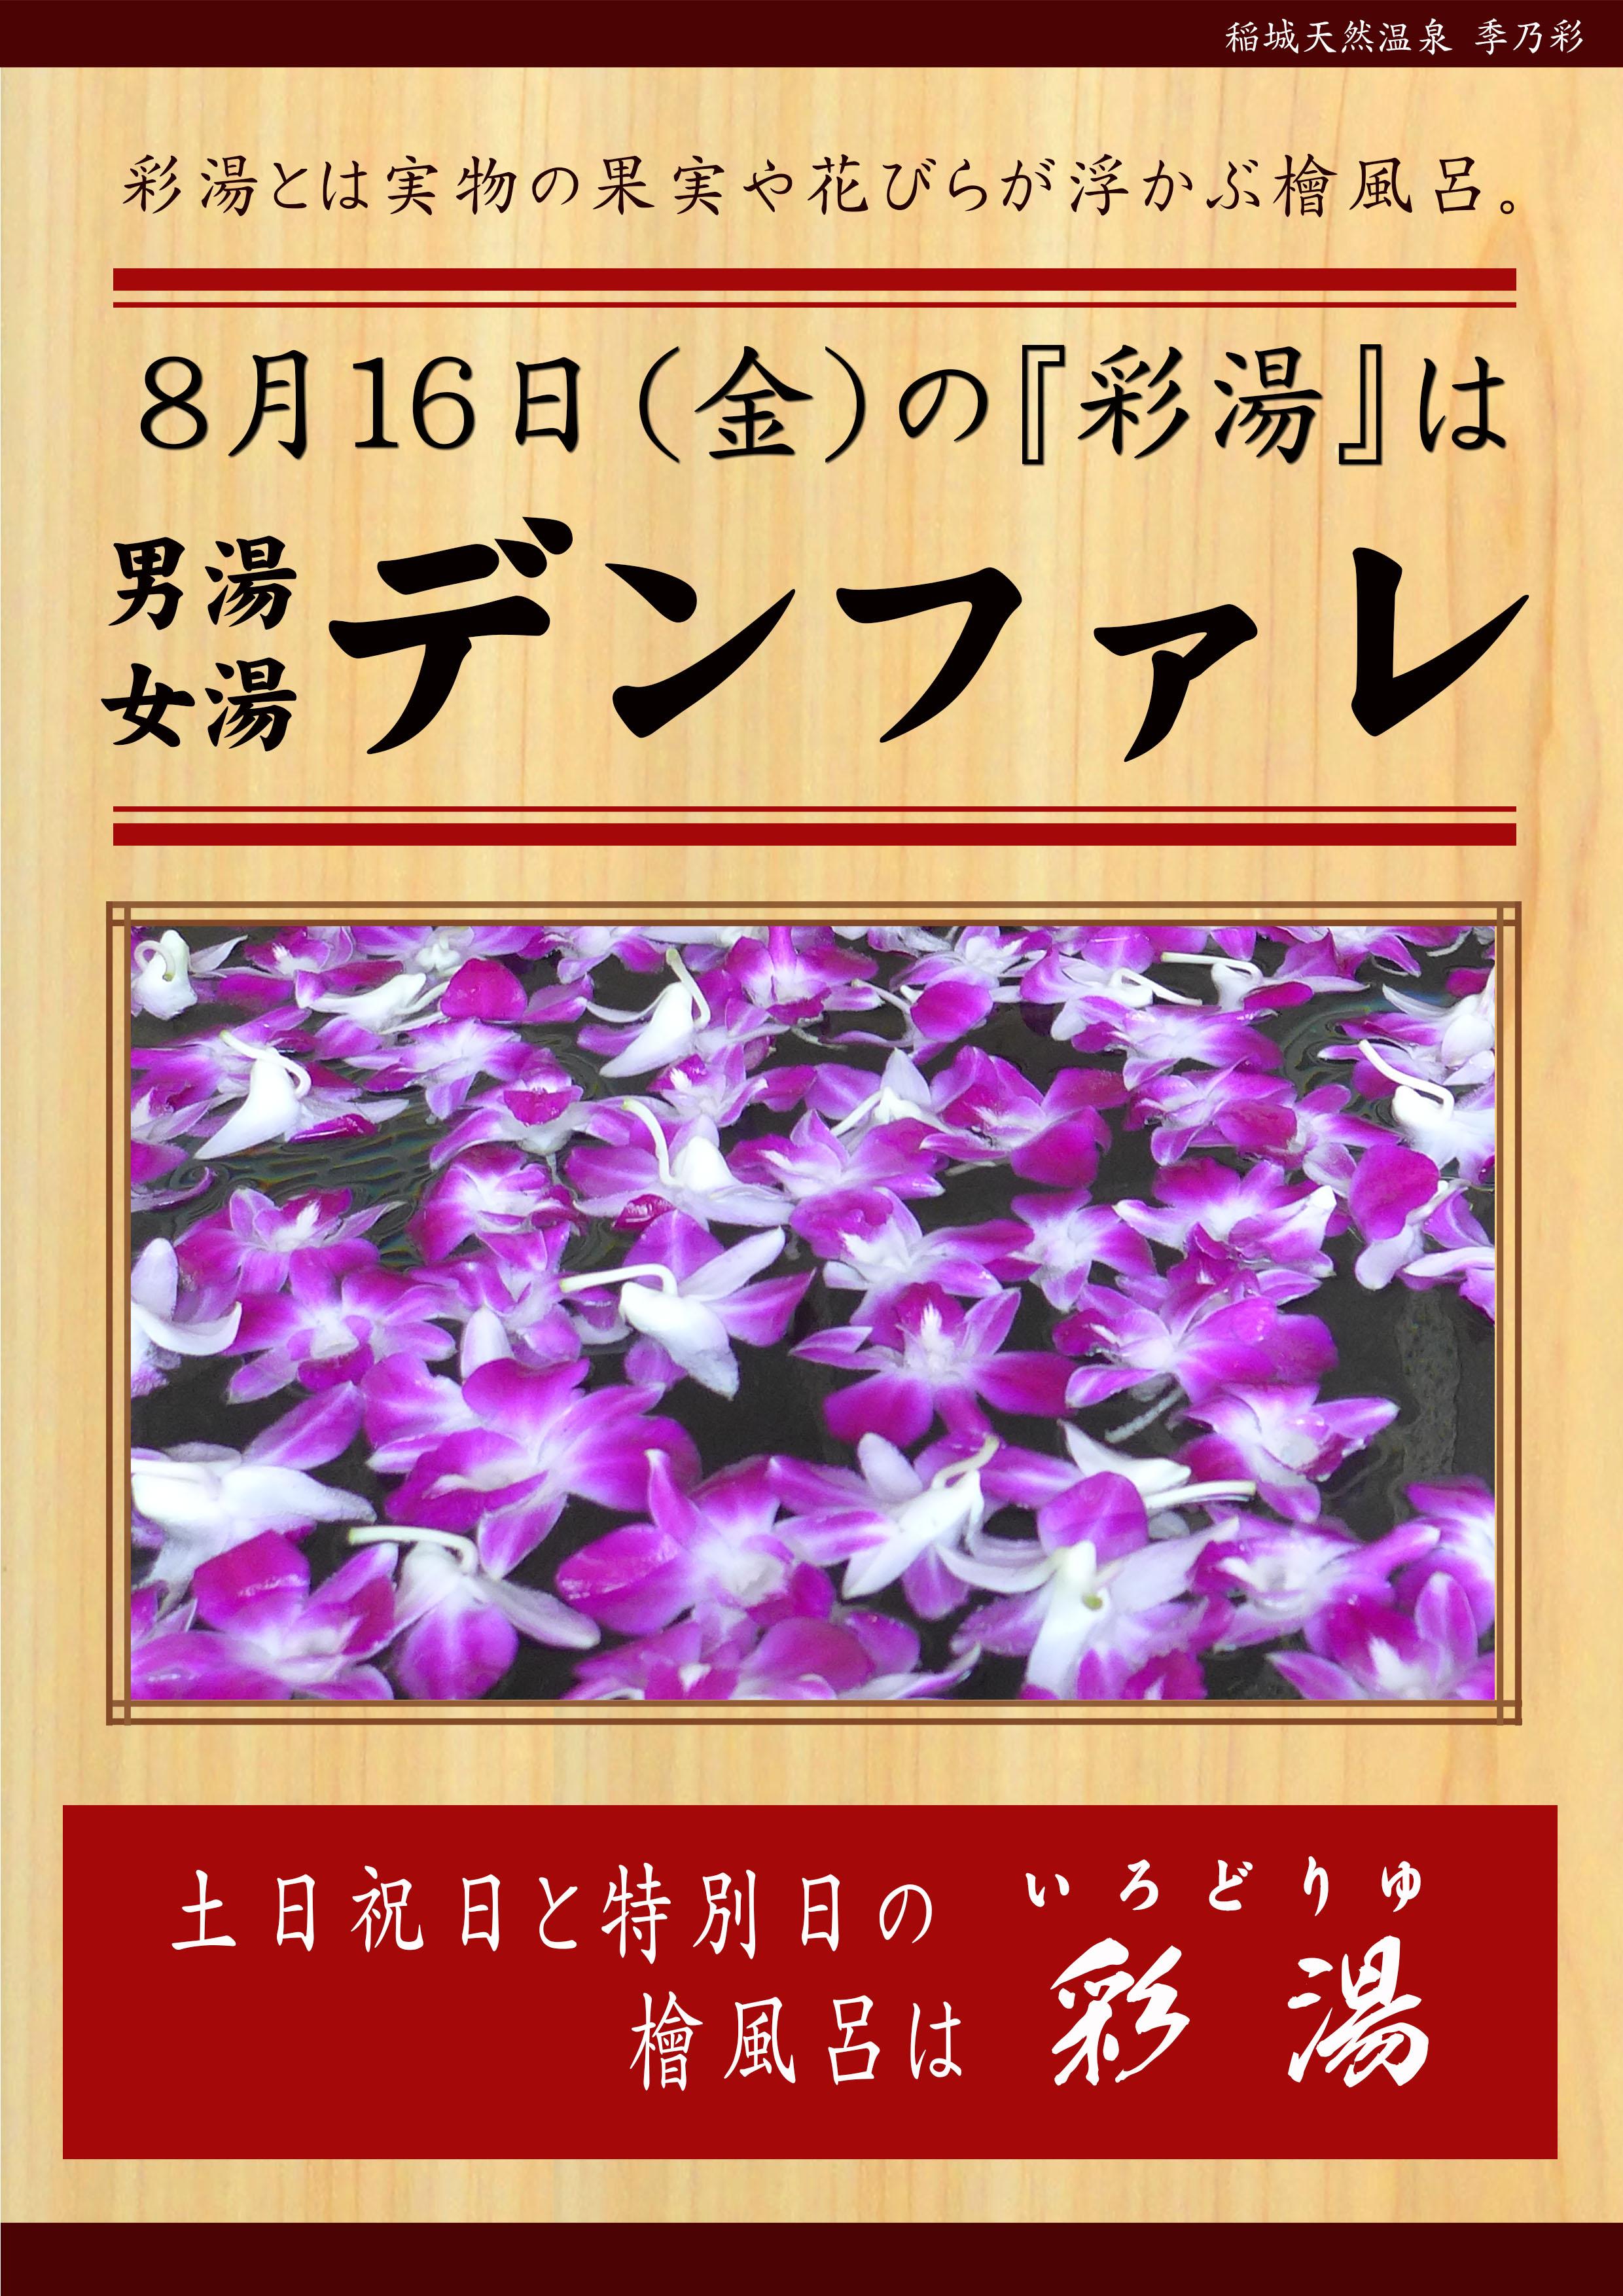 190816 彩湯 男女湯 デンファレ